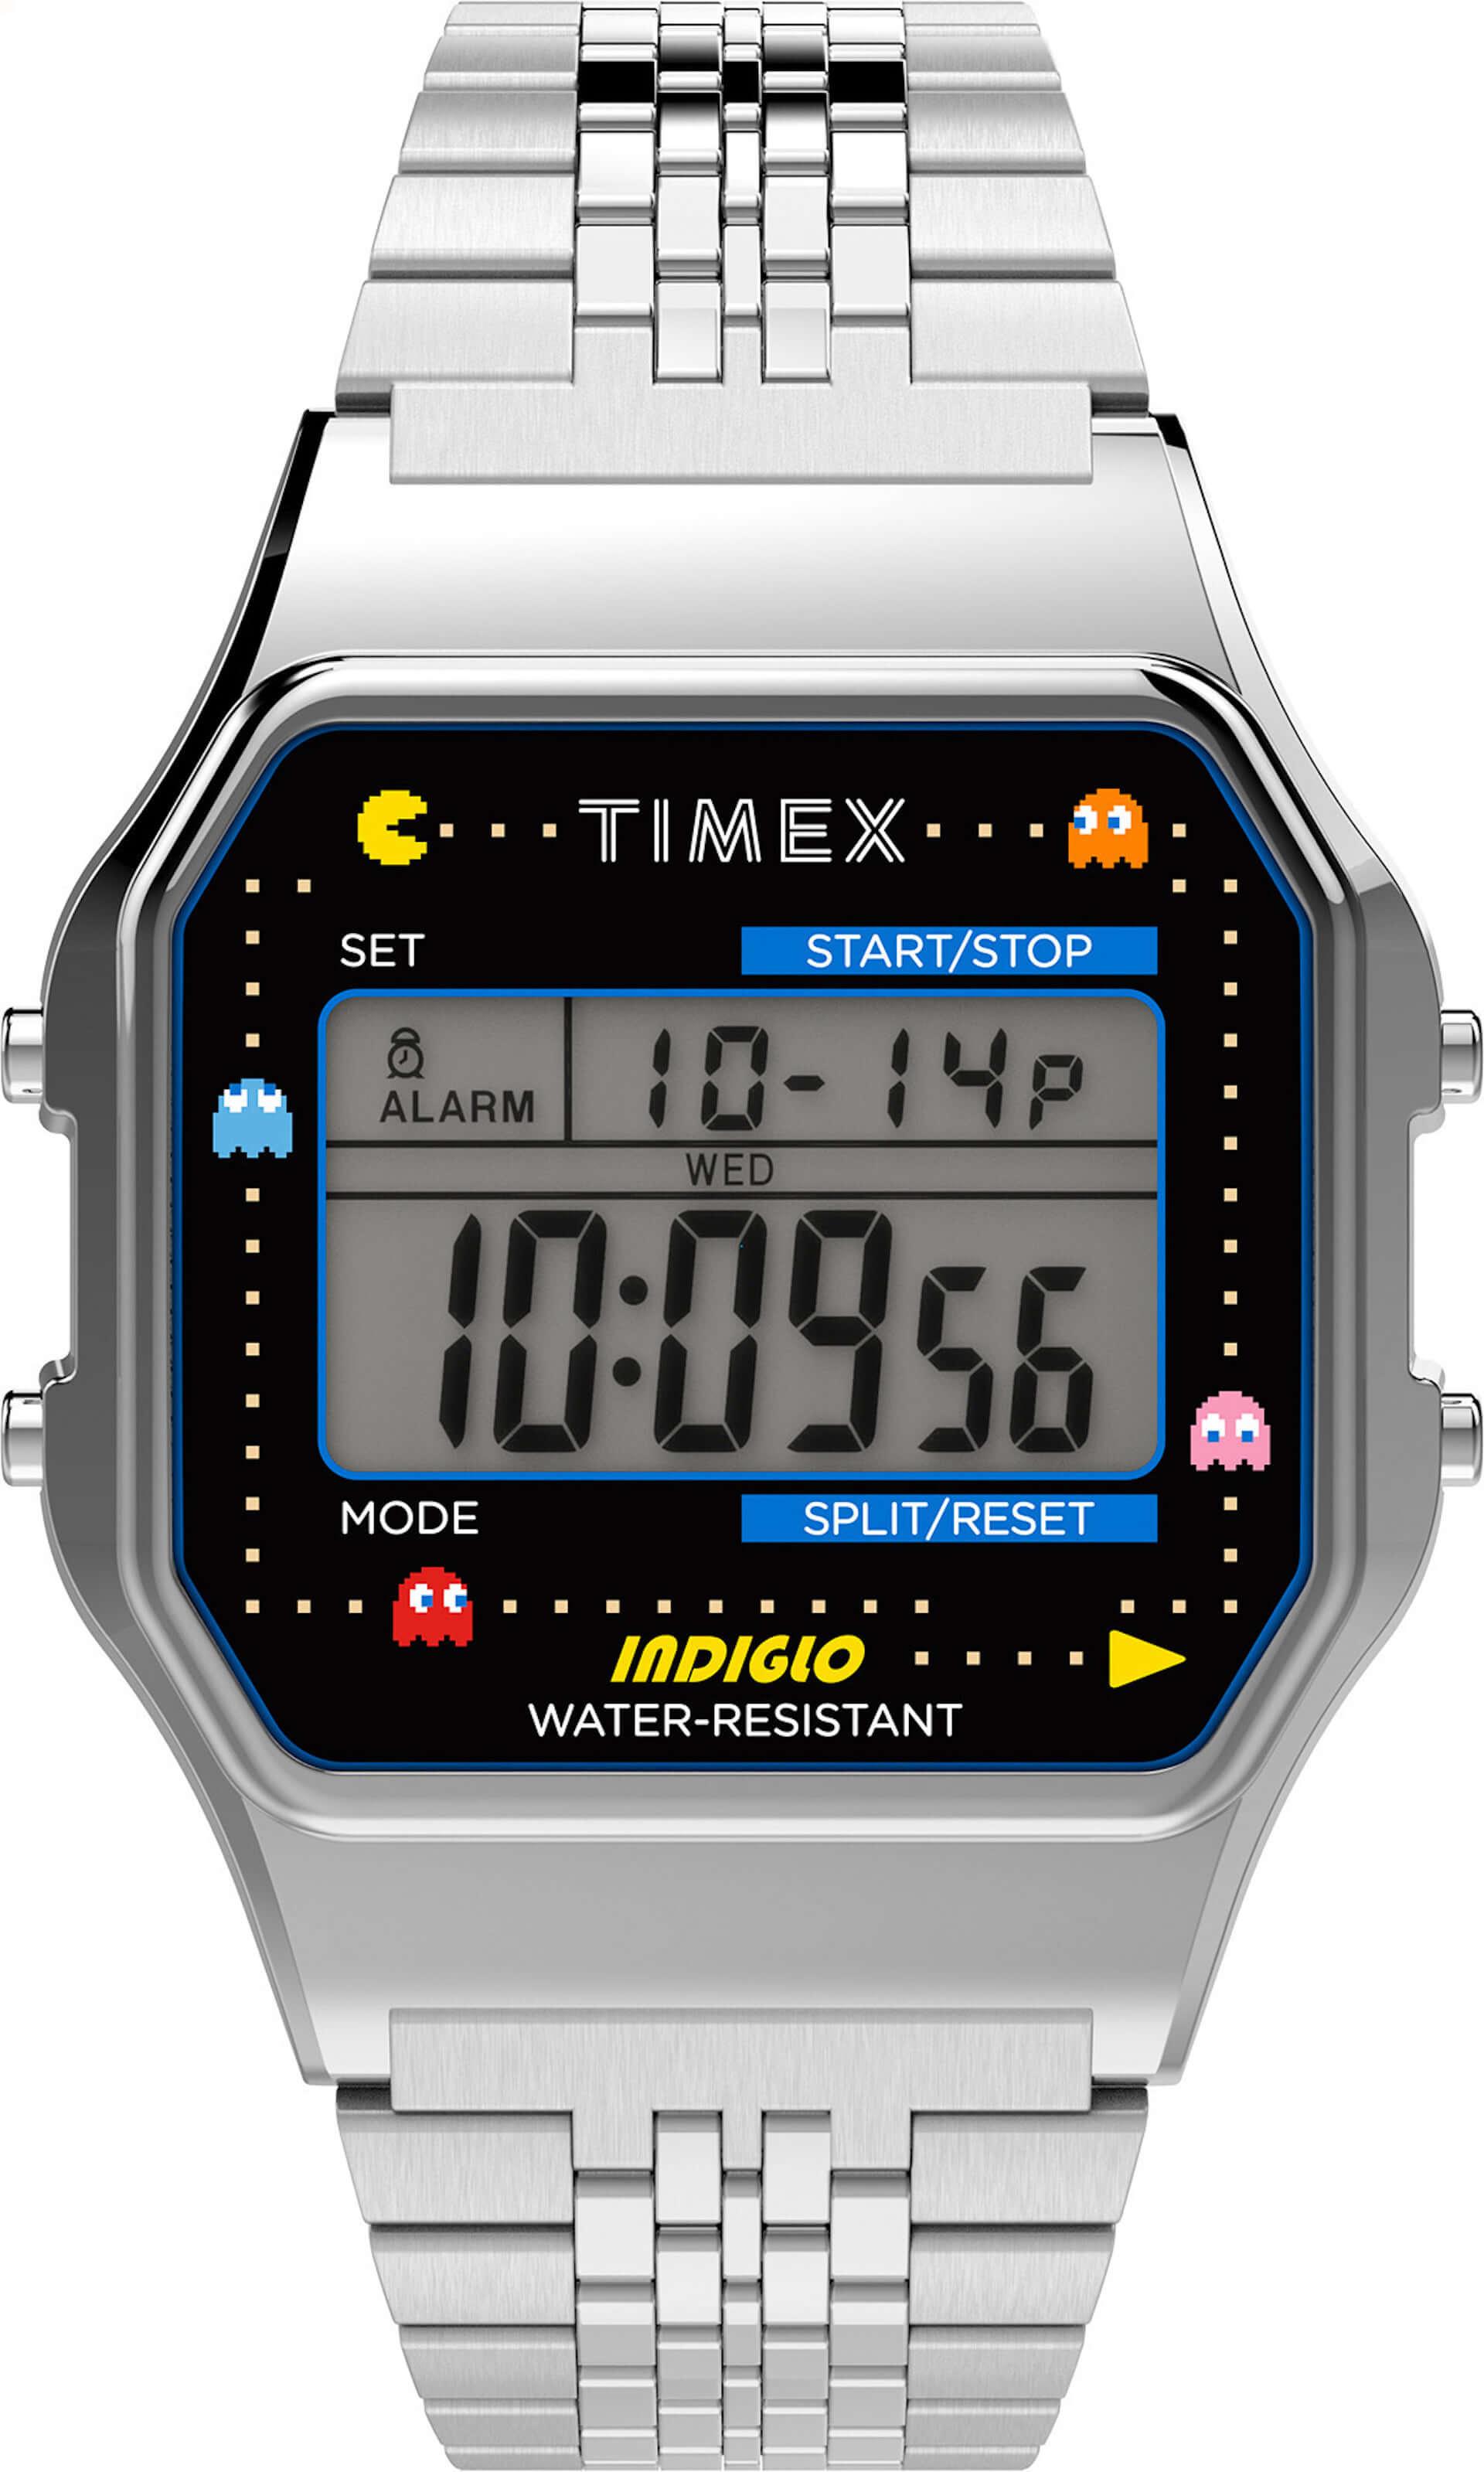 『パックマン』生誕40周年記念!米国の腕時計ブランド「タイメックス」から昨年即完売したコラボモデルが発売決定 tech200729_timex-pacman_2-1920x3198